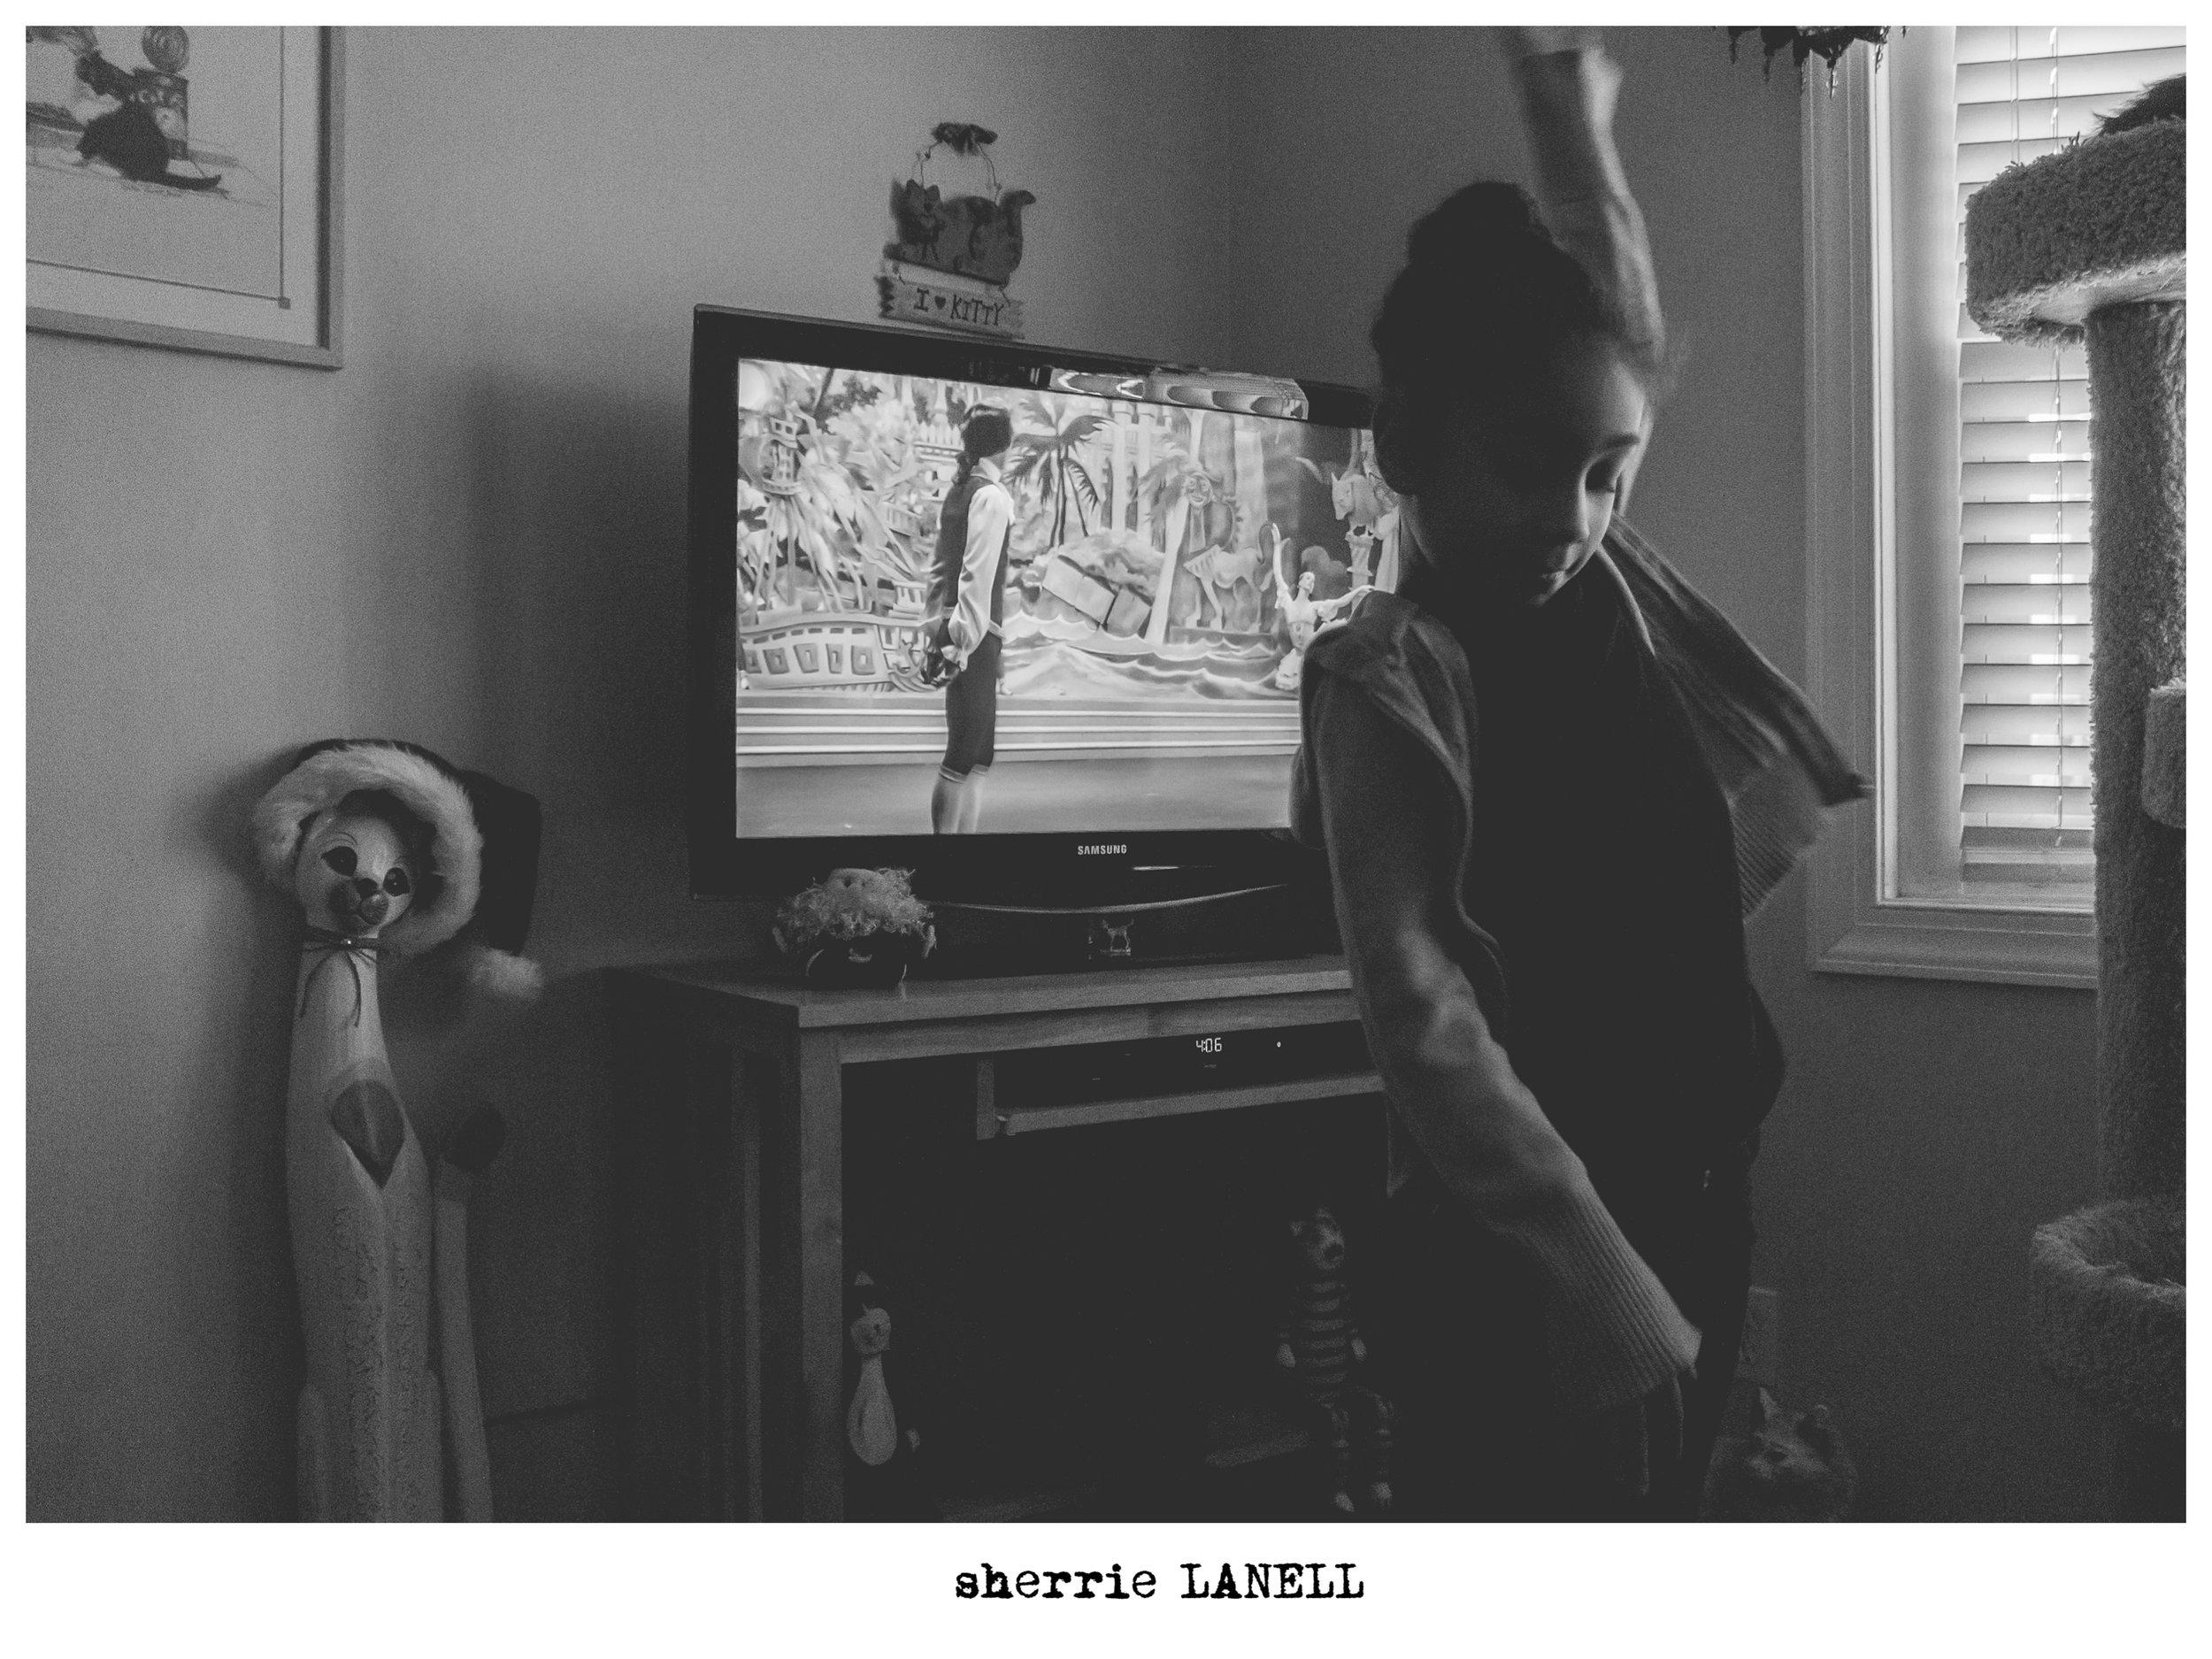 Sherrie Lanell Photography for Instagram 67.jpg